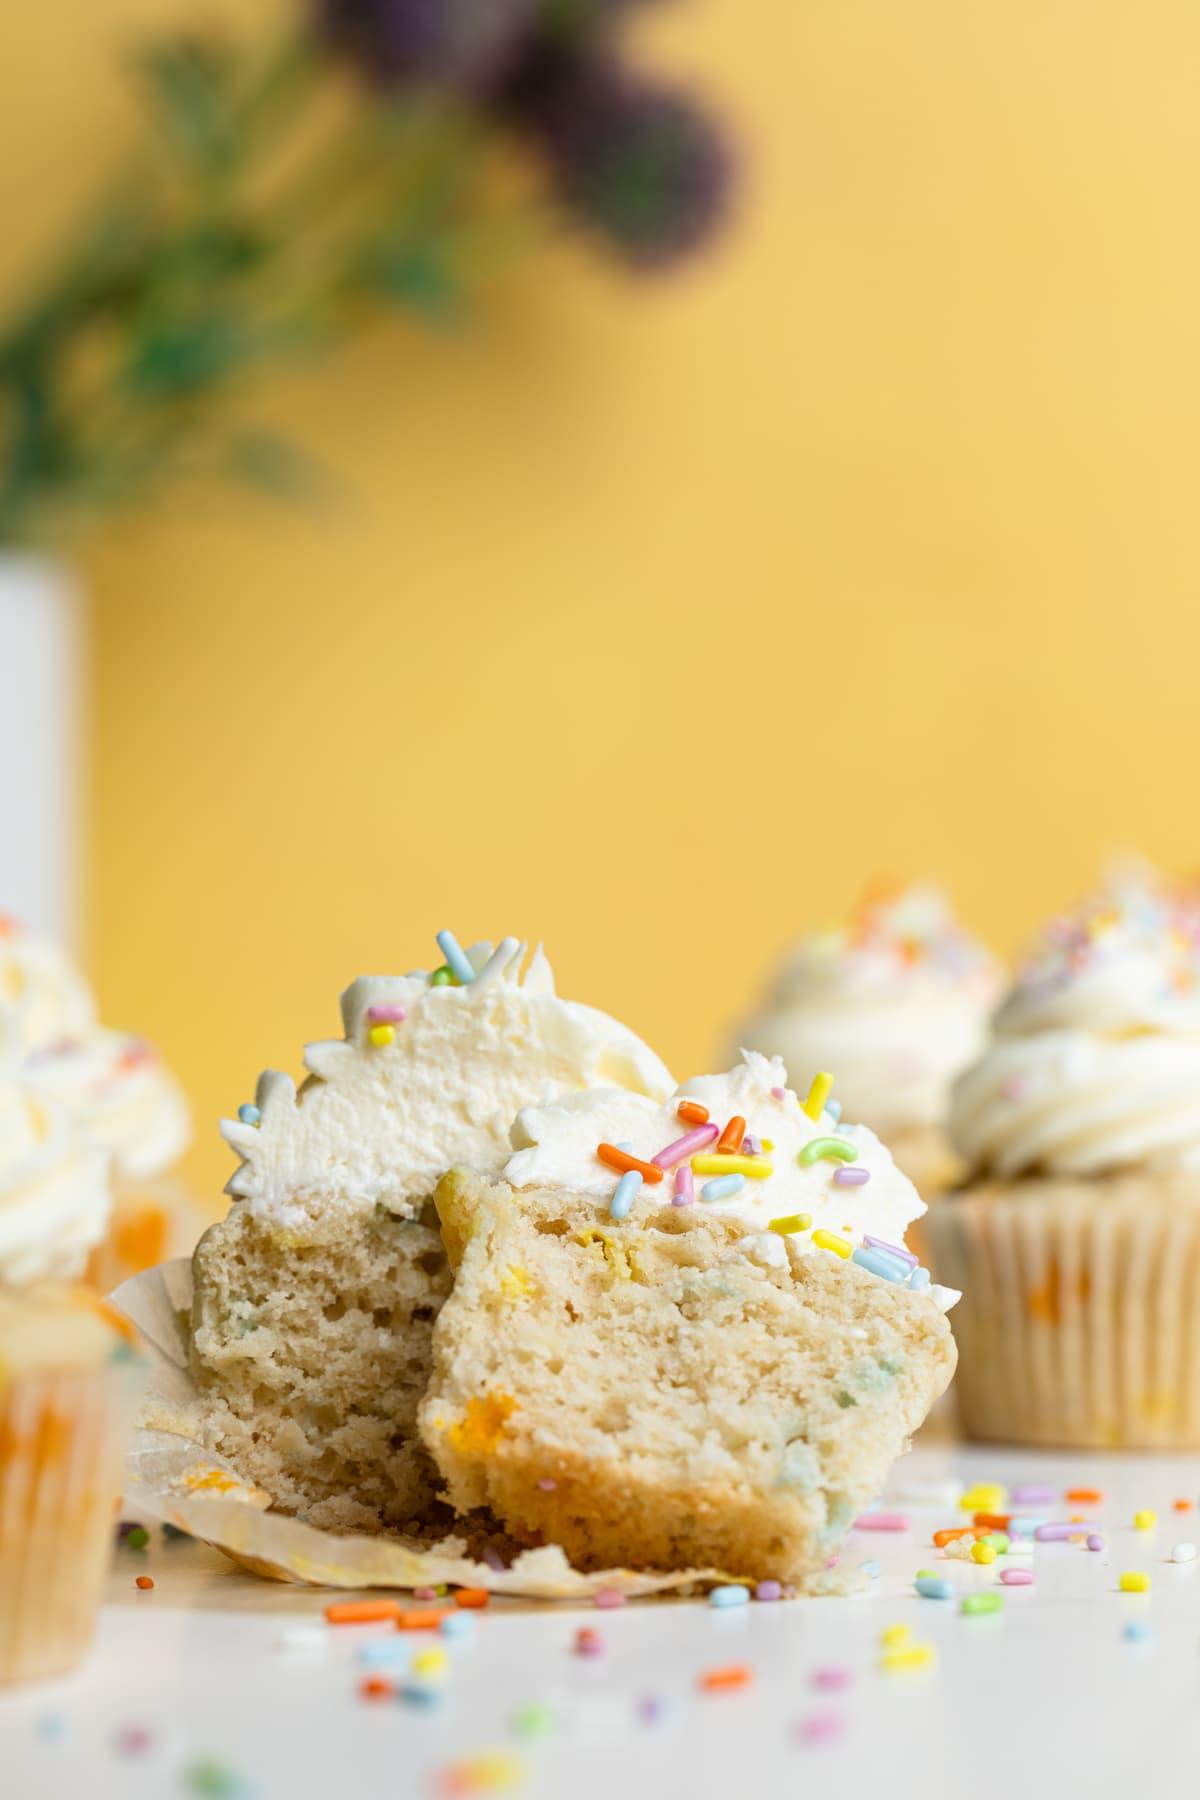 Vegan Funfetti Cupcakes (Super Fluffy!)